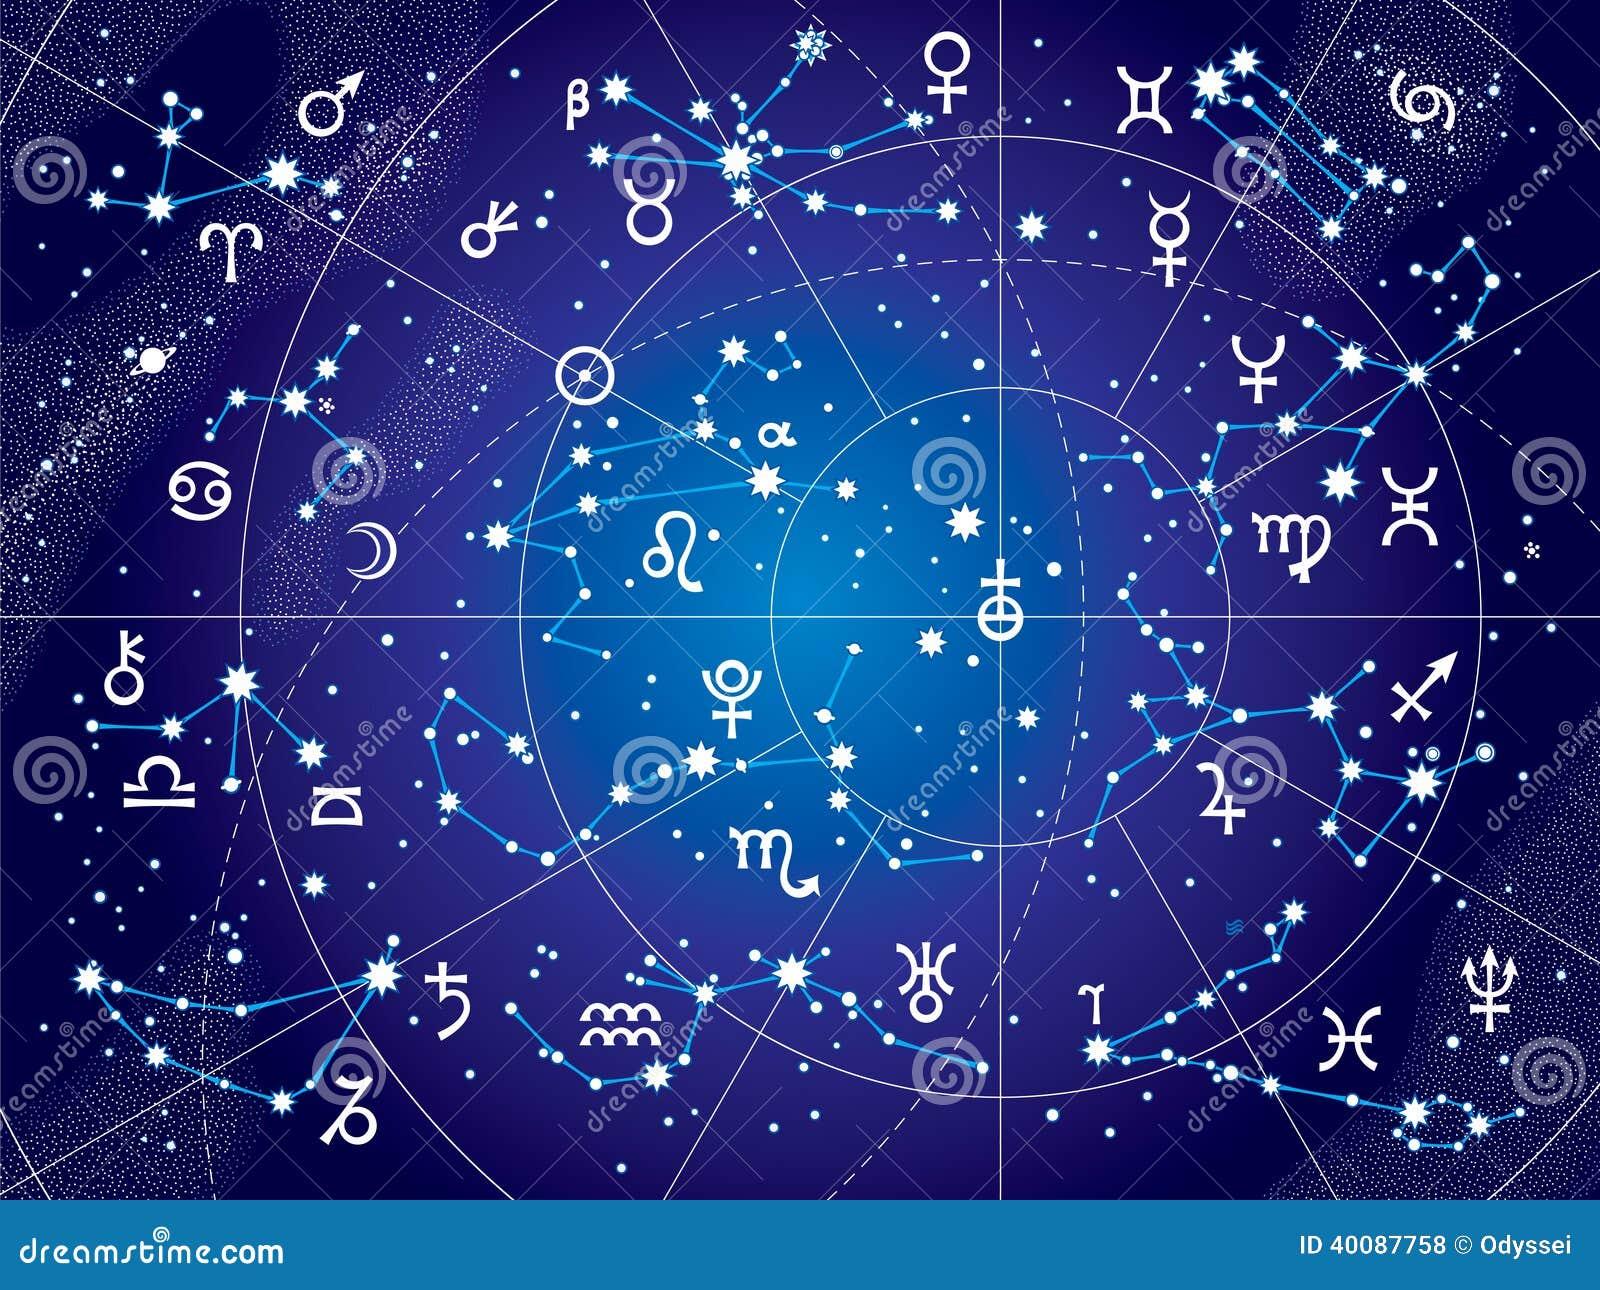 XII constelaciones de zodiaco (versión ultravioleta del modelo)